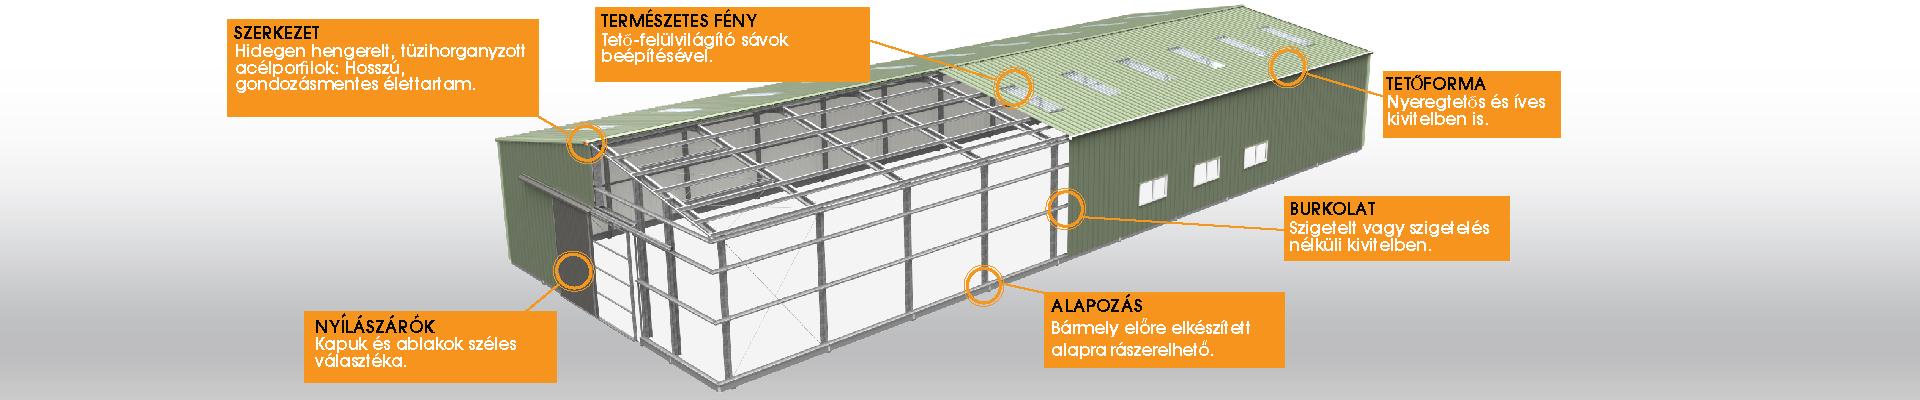 Frisomat GO sorozatú acélcsarnok –szerkezet, alapozás, burkolat, tetőforma, nyílászárók